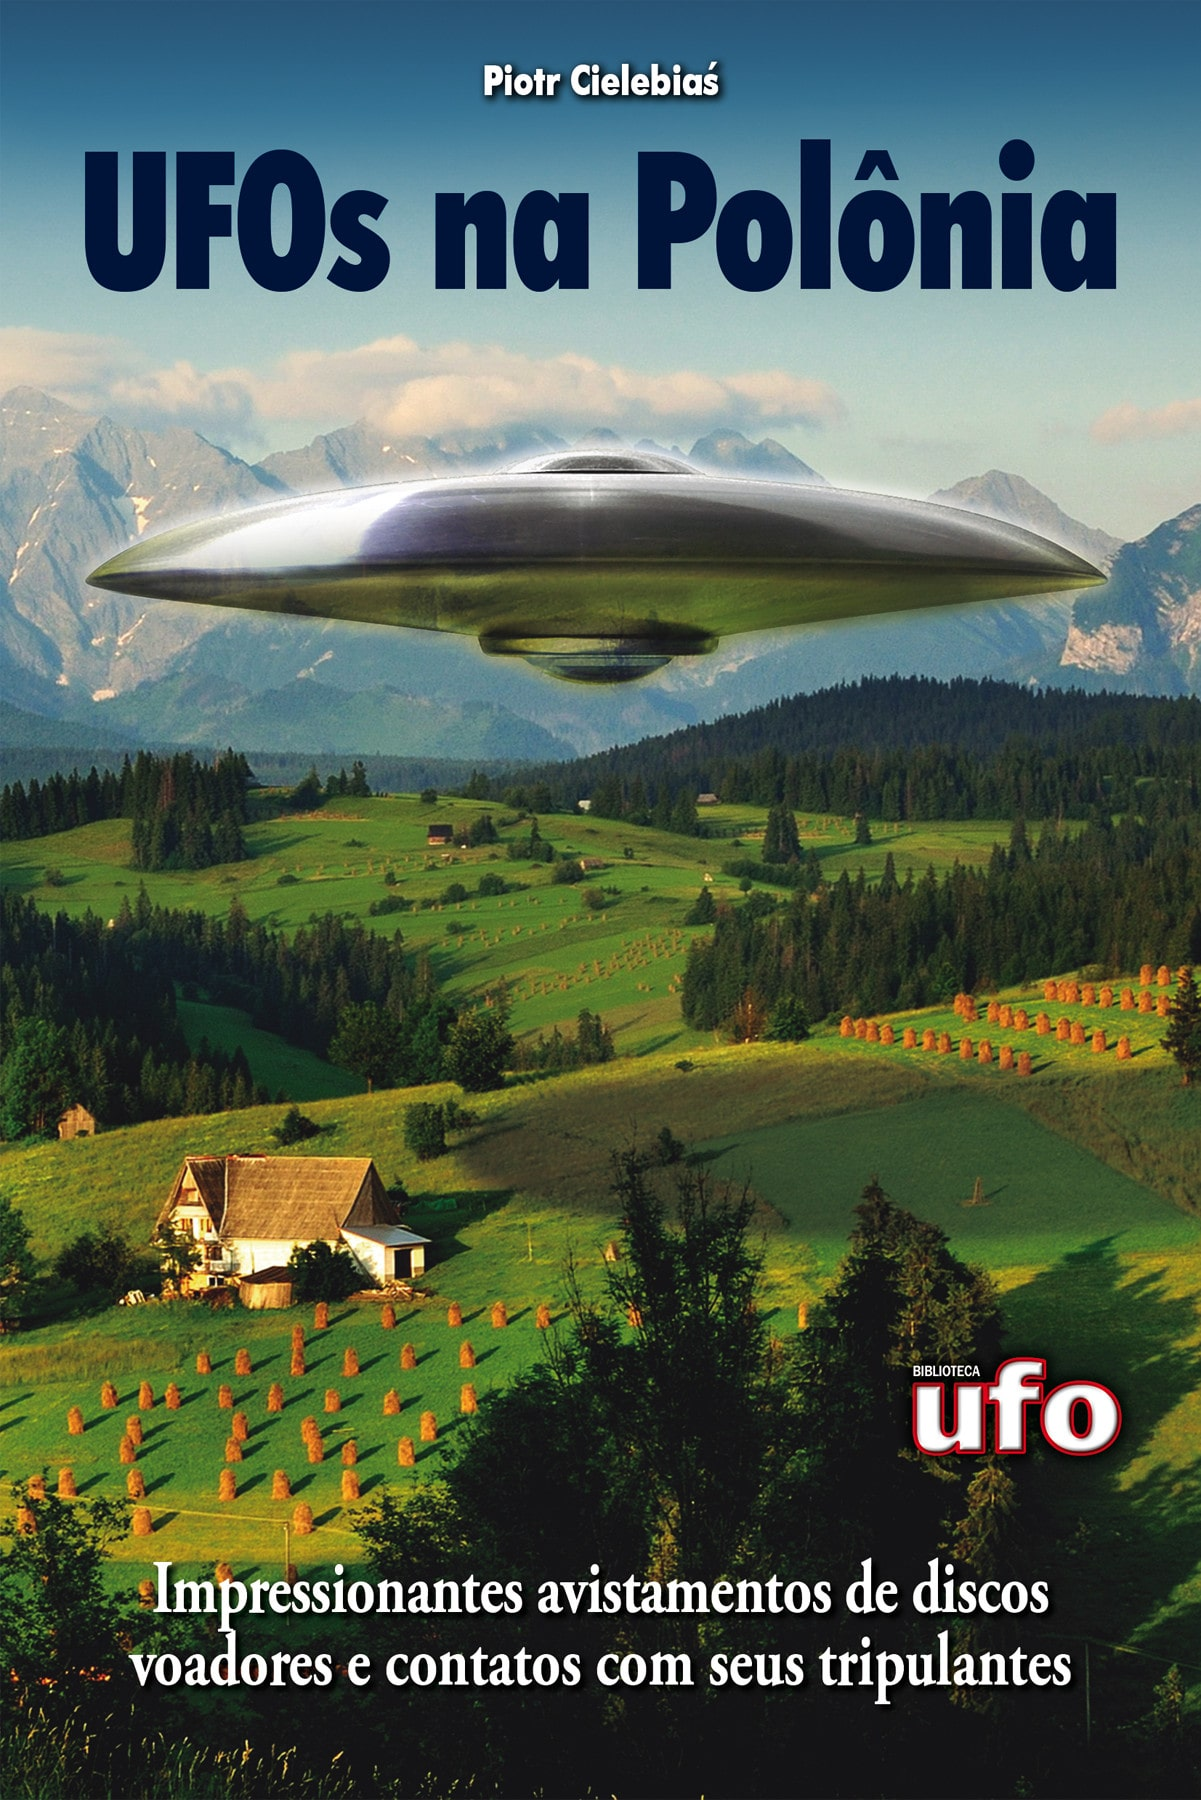 UFOs na Polônia